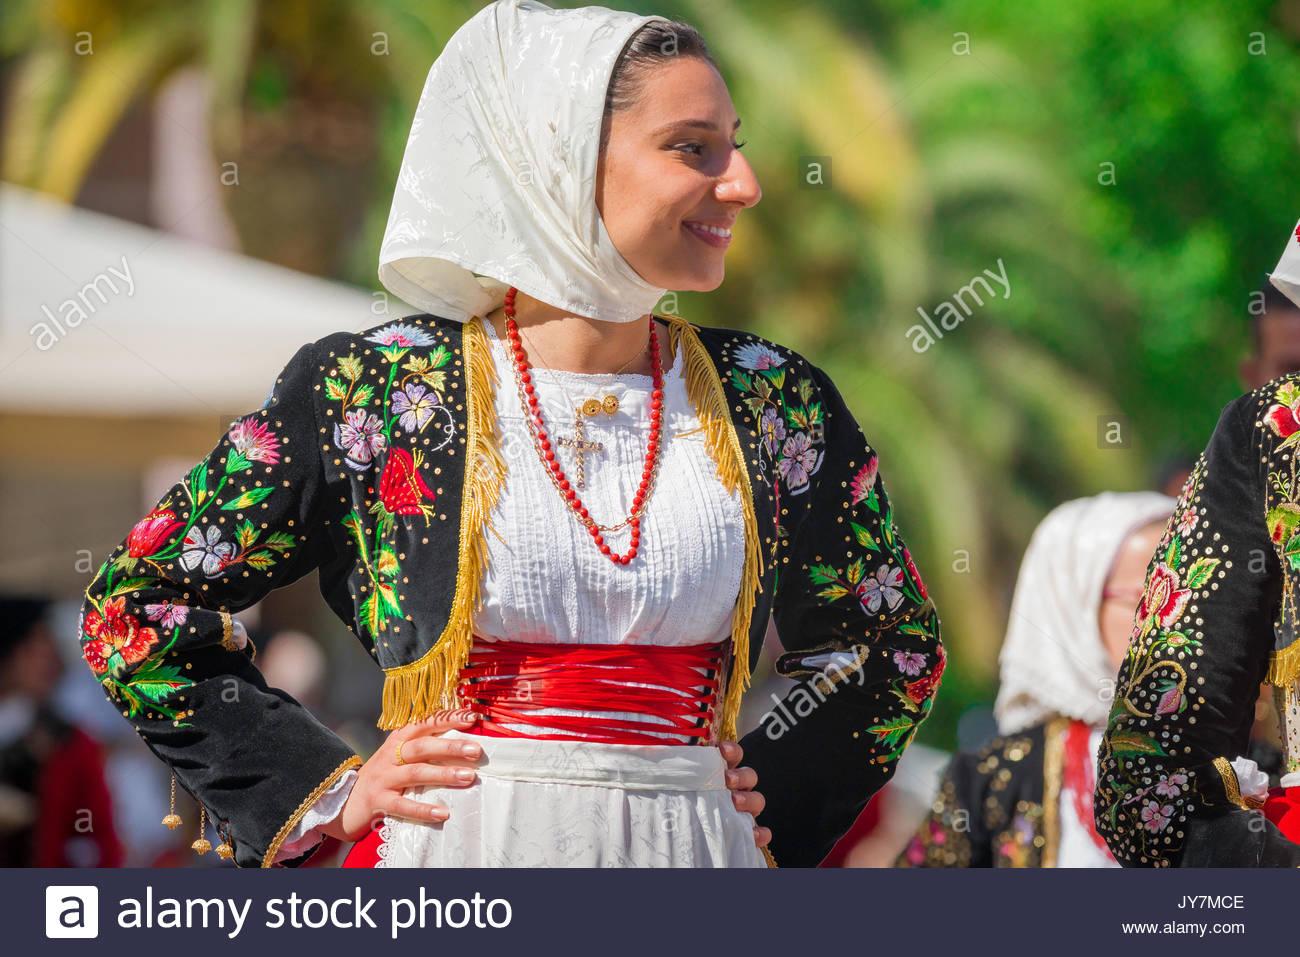 Sardinien Tracht, Porträt einer jungen Frau, die in der Grand Parade der La Cavalcata Festival in Sassari, Sardinien teilnehmen. Stockbild